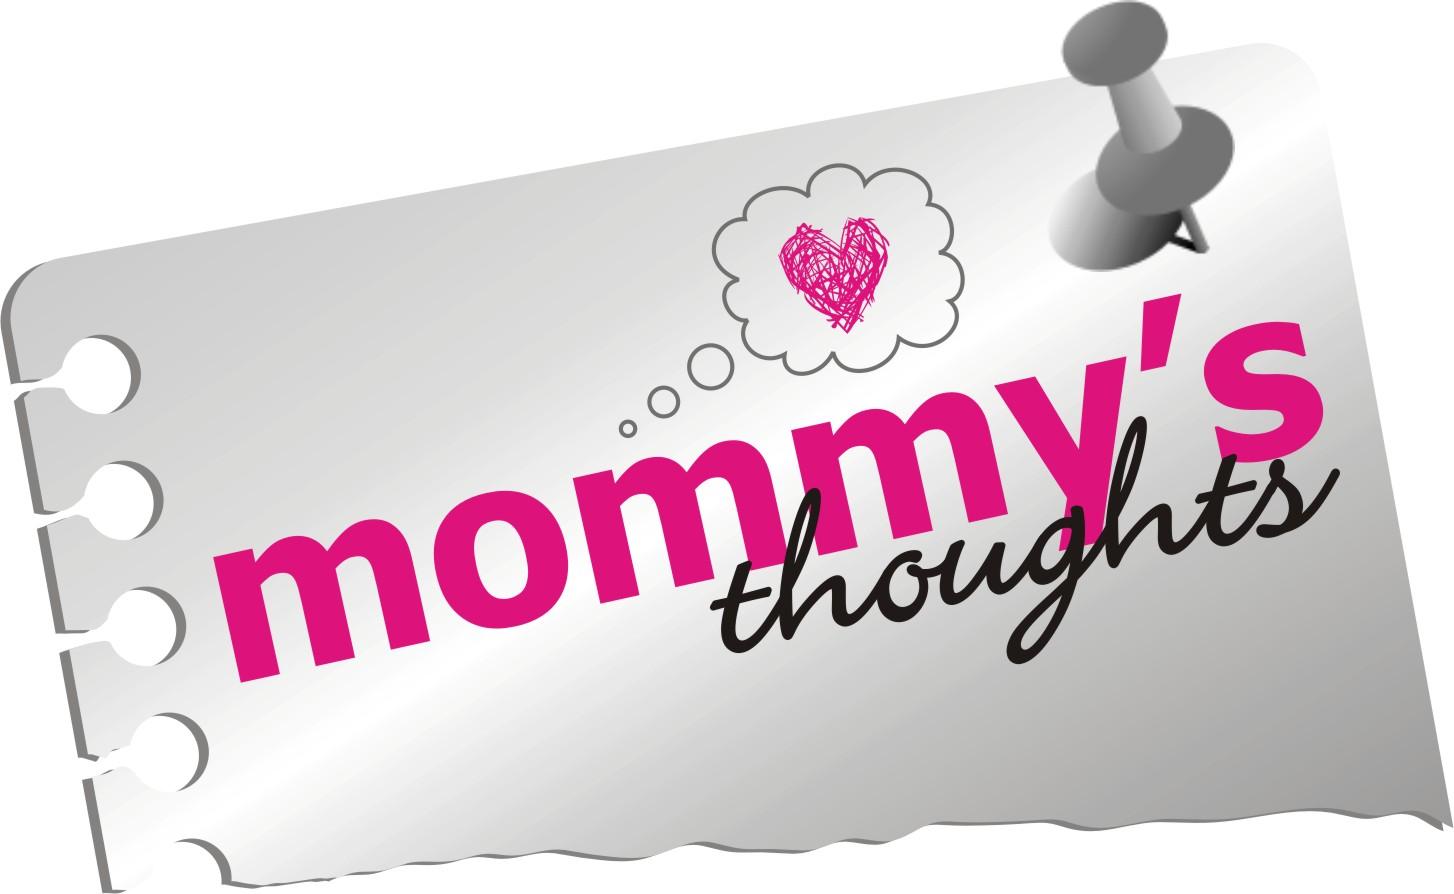 Πράγματα που μπορώ να κάνω με το παιδί μου από τότε που έγινα μάνα και δεν  τα έκανα πριν λόγω…της ηλικίας μου   318d04bc8a9